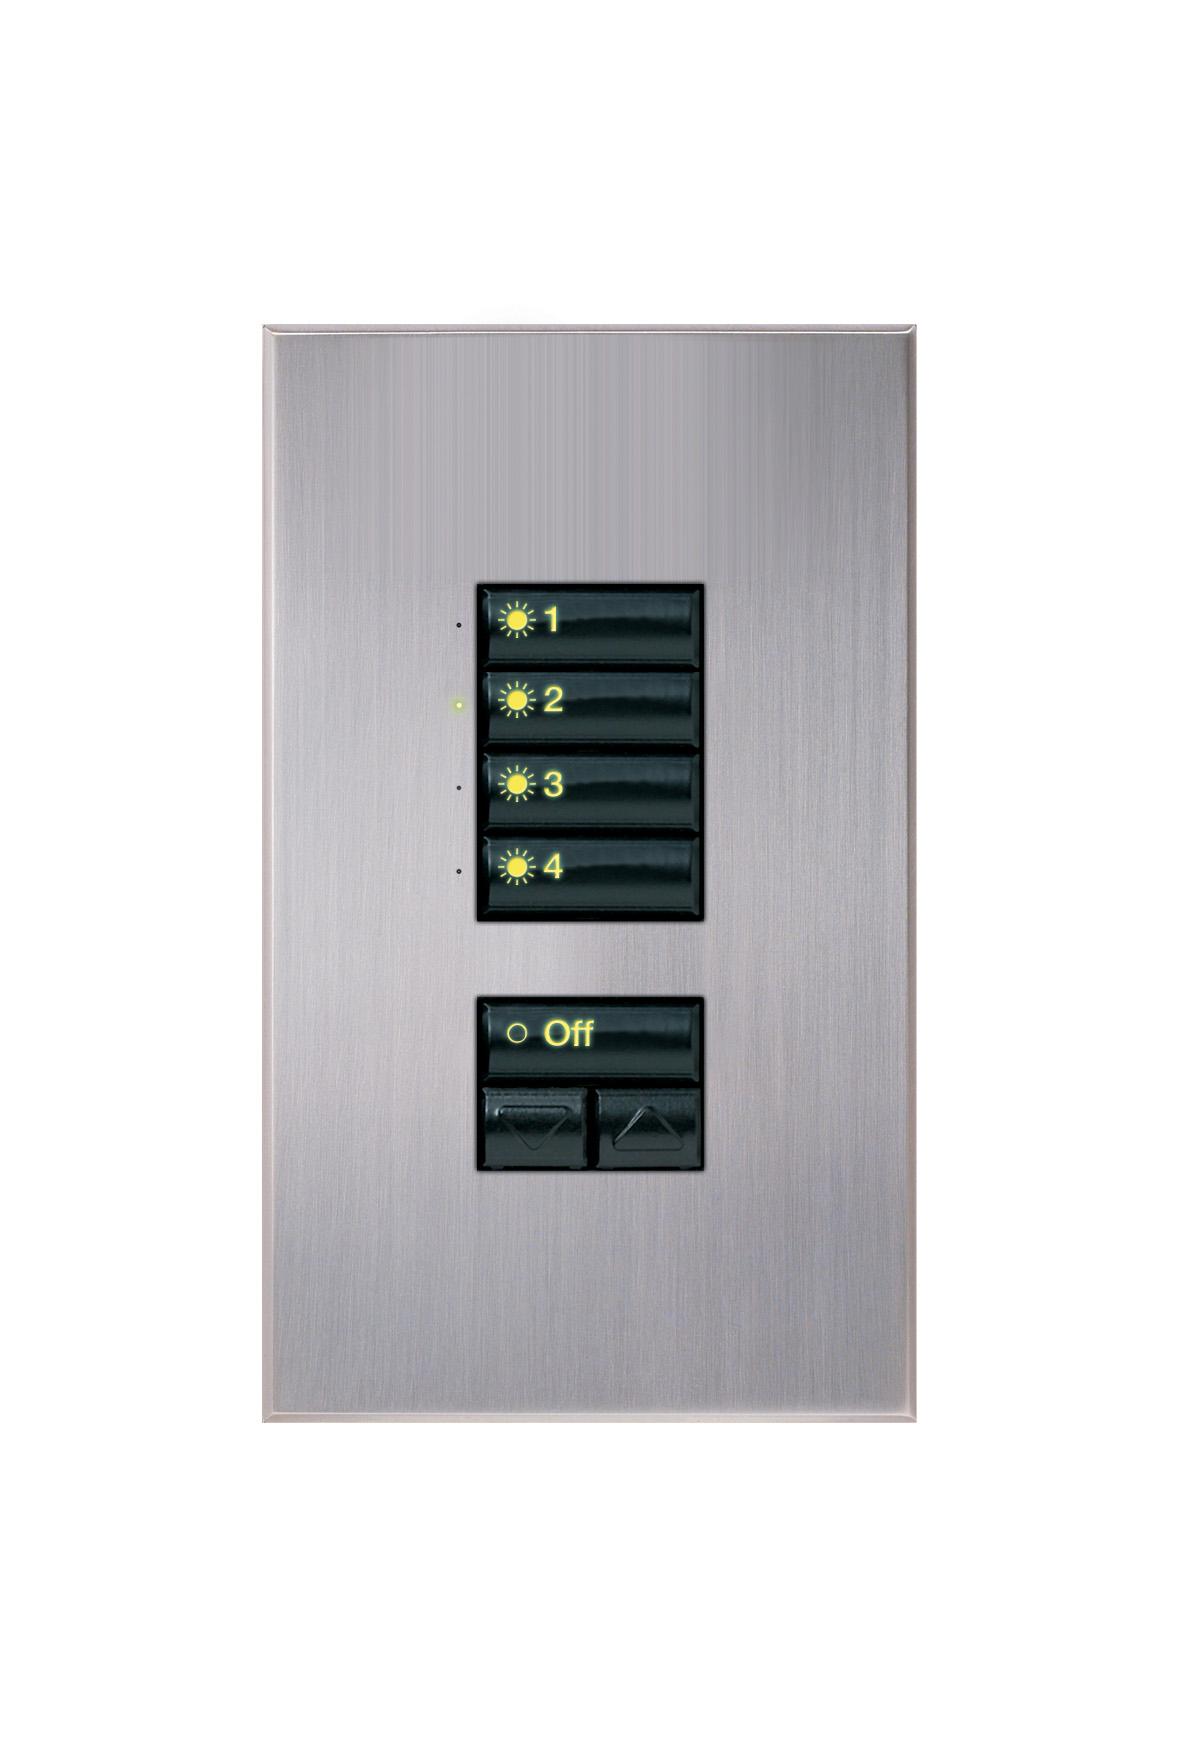 LUTRON, CRESTRON, AMX - Puncte de comanda (Keypad-uri) cu intrerupator ON/ OFF sau ecran LCD CRESTRON - Poza 4